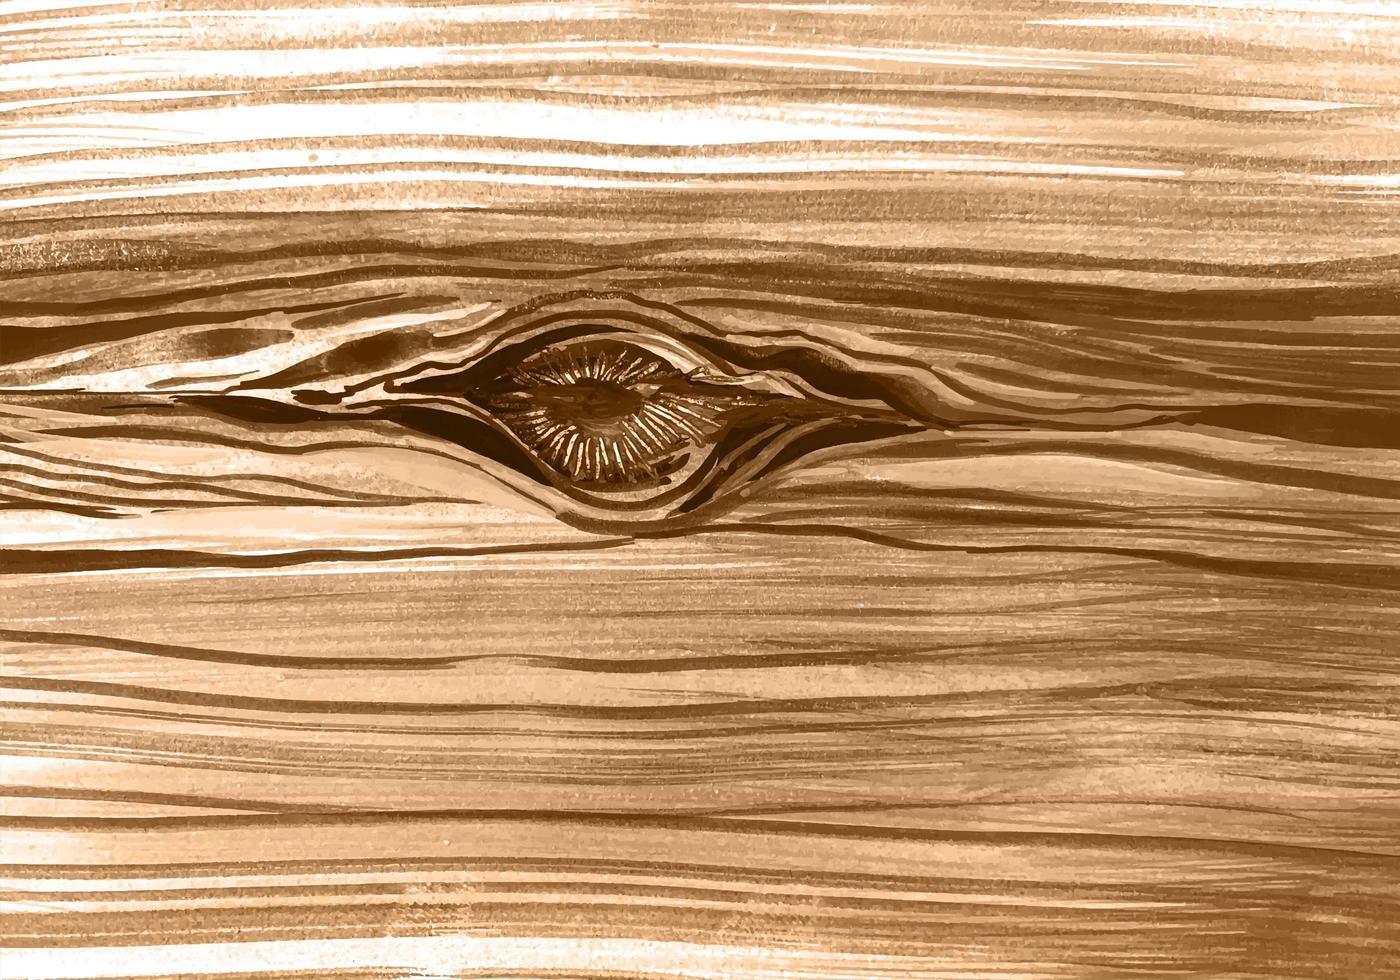 texture de noeud bois brun pâle abstrait vecteur